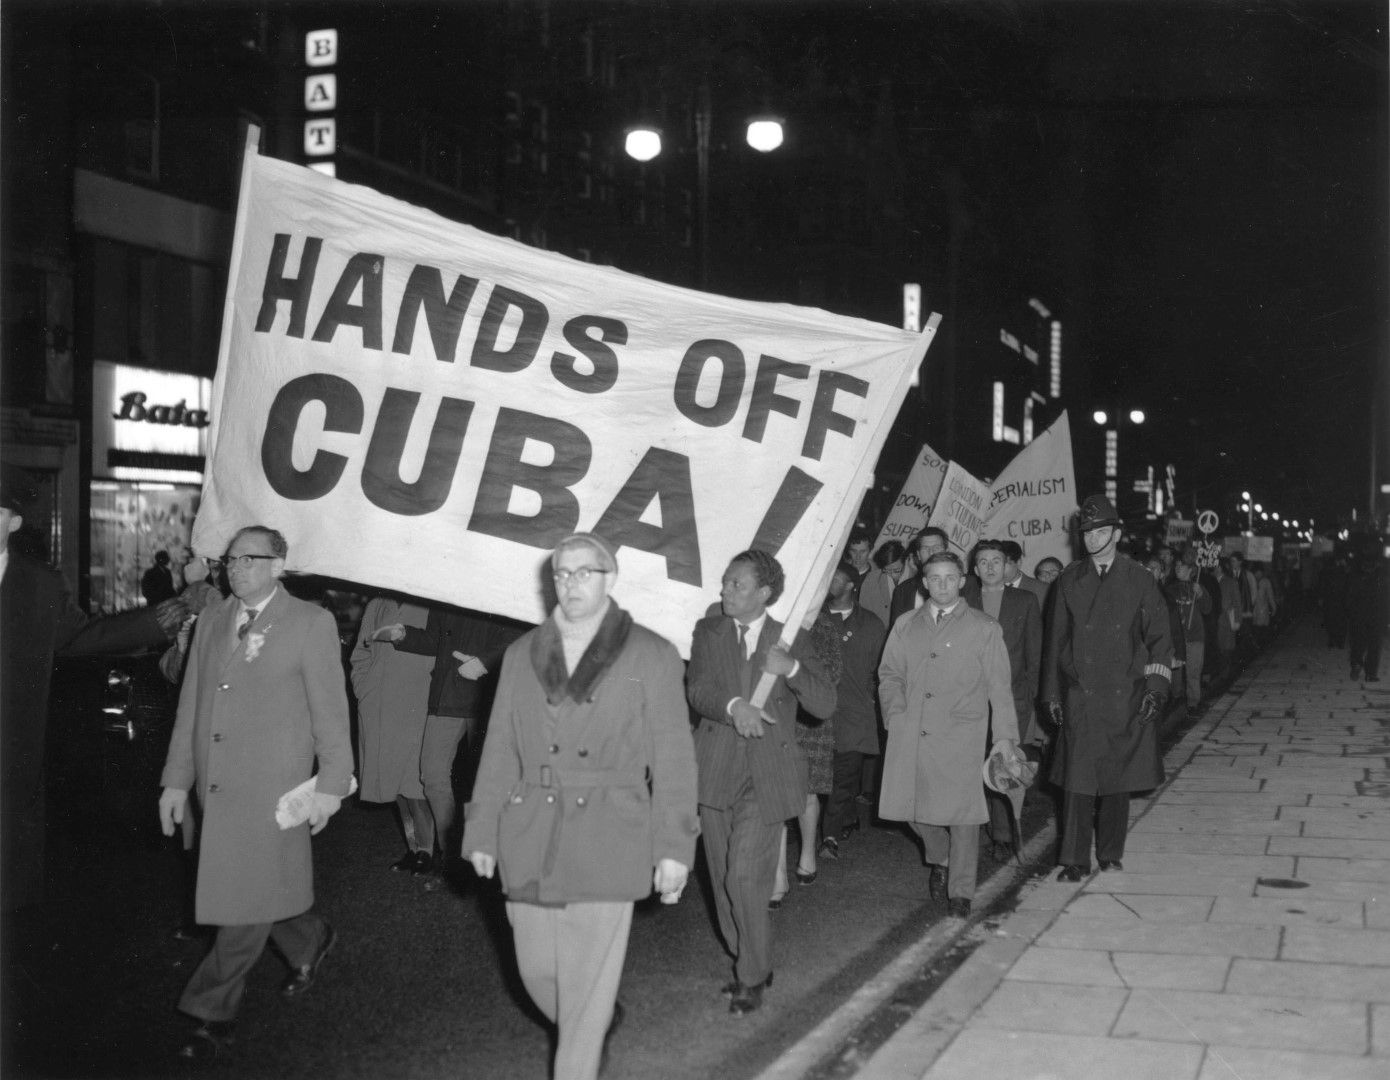 Във Великобритания се провеждат протести срещу американските действия в Куба